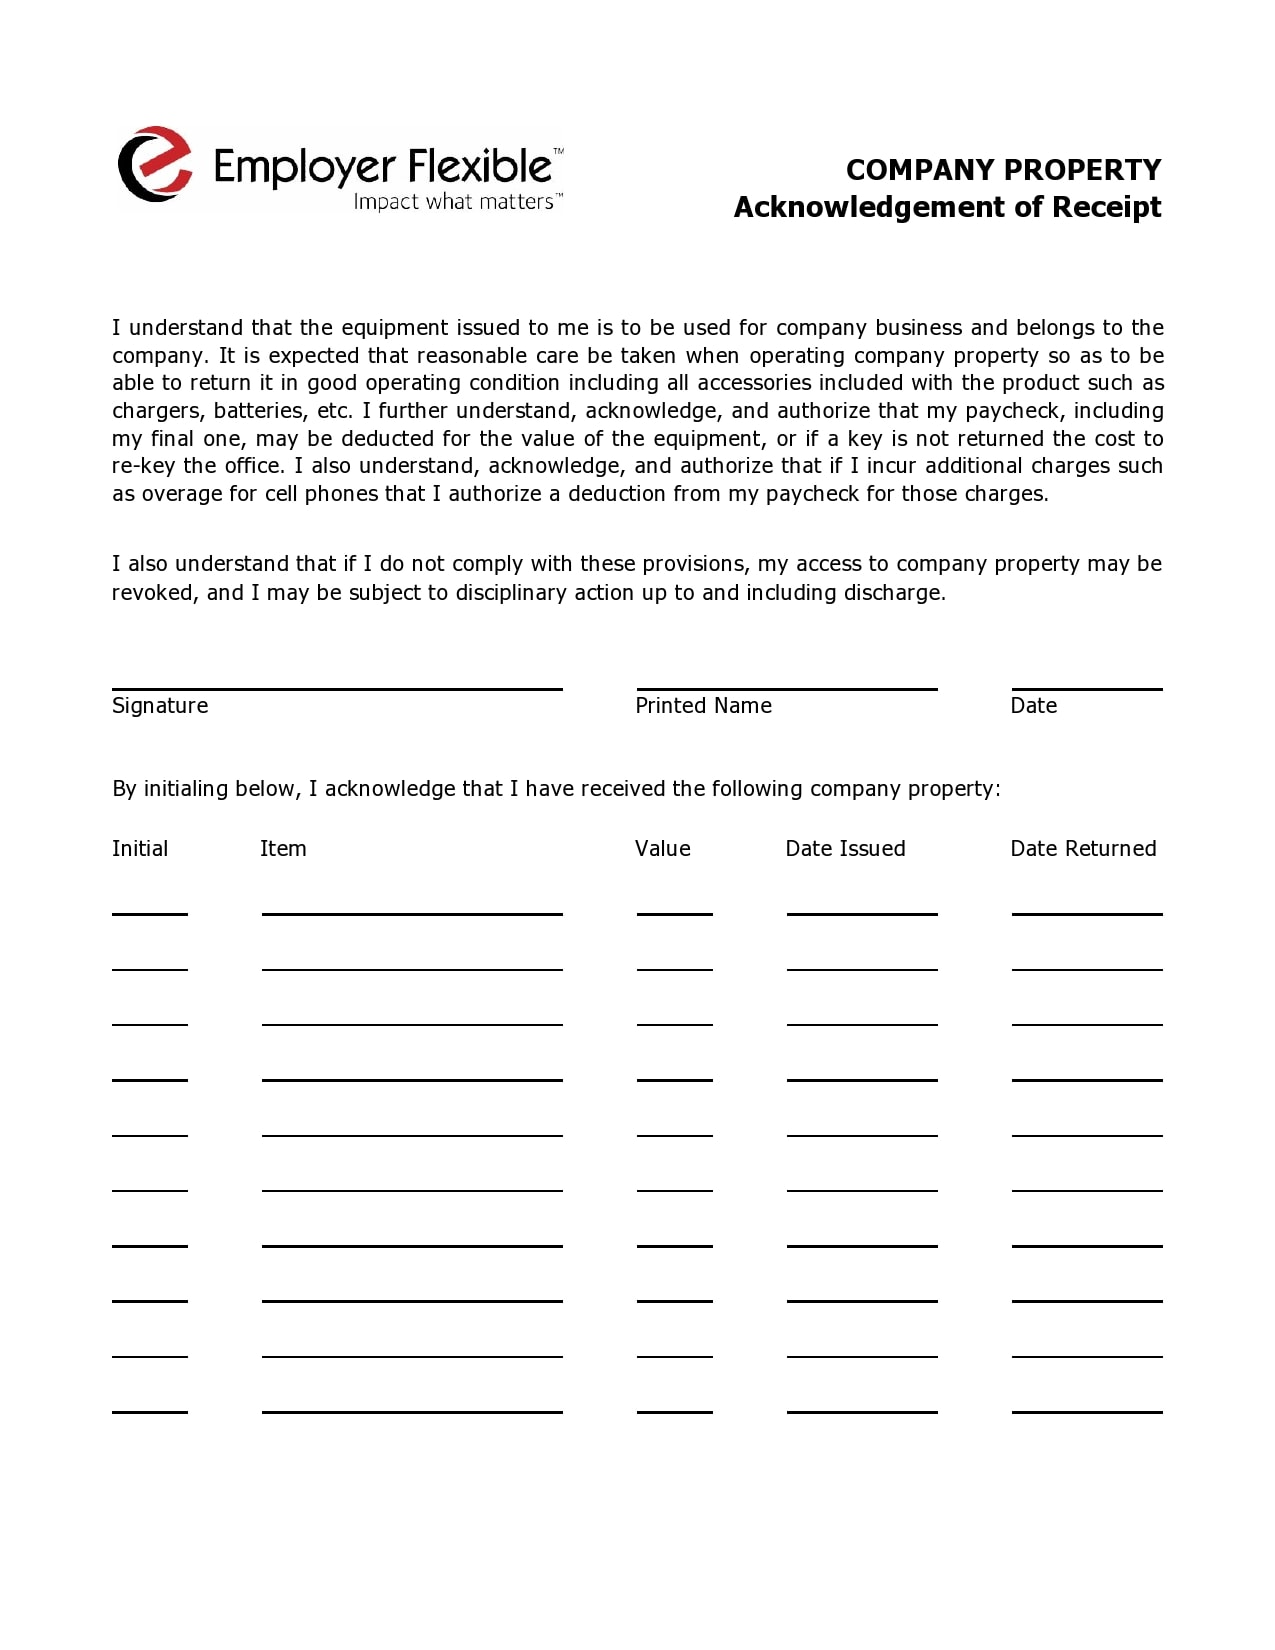 acknowledgement receipt 22